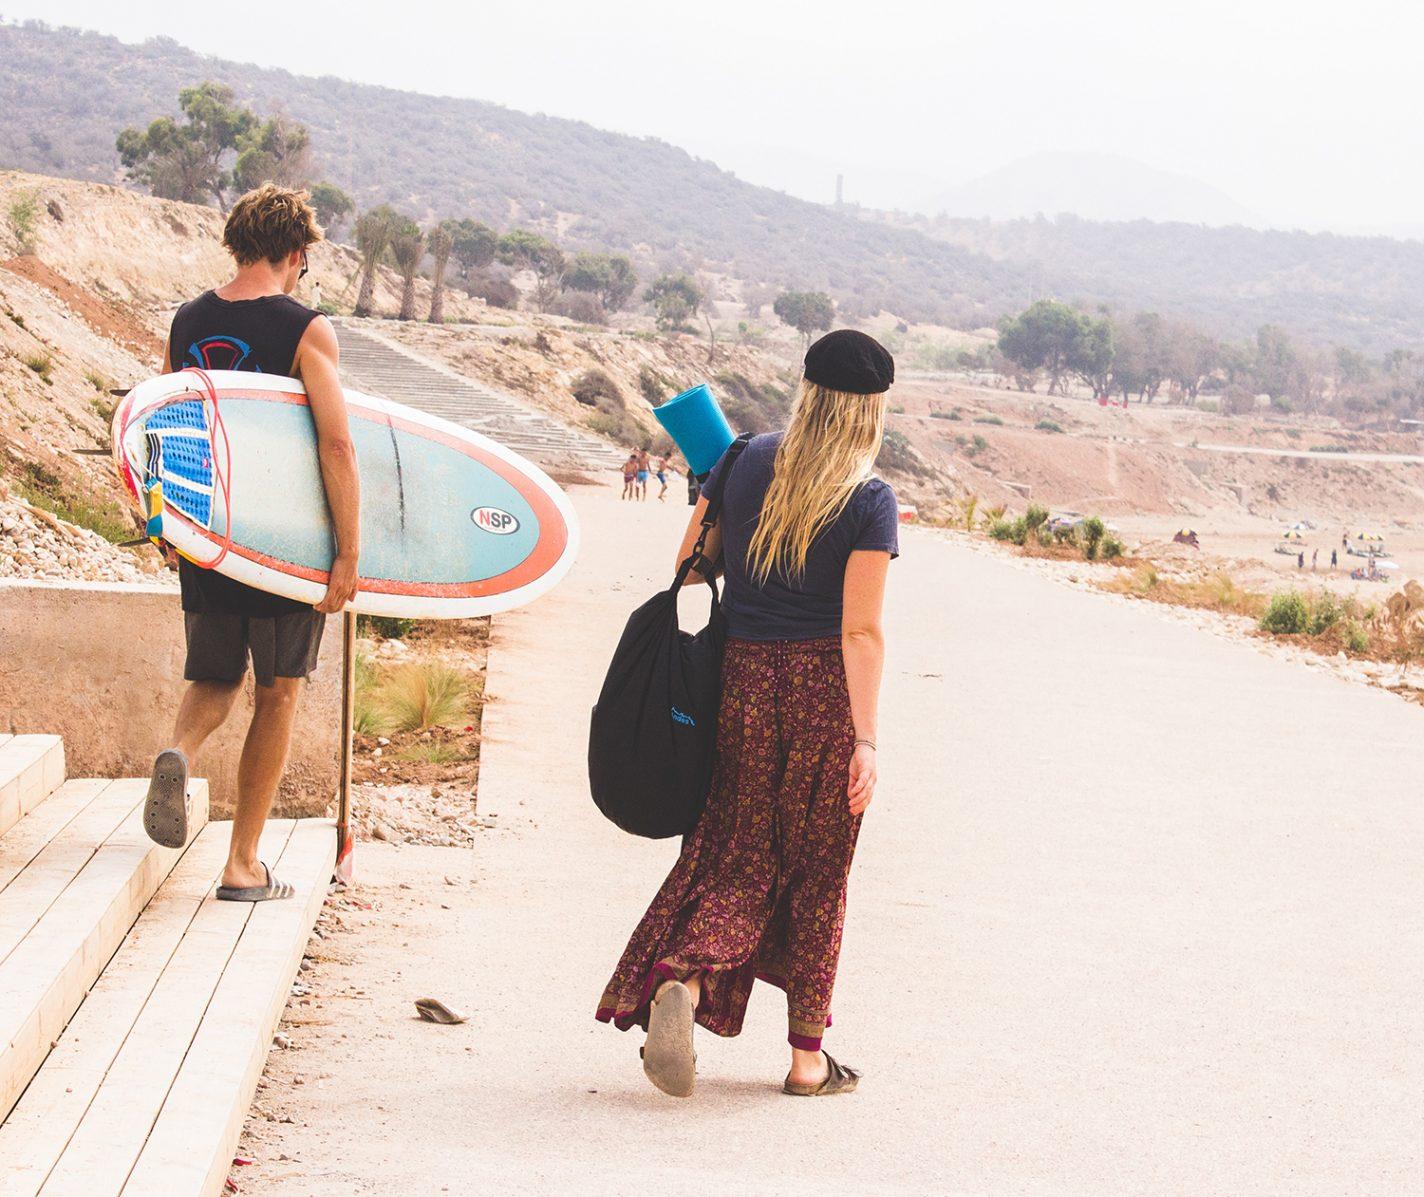 Surfen bij Taghazout in Marokko